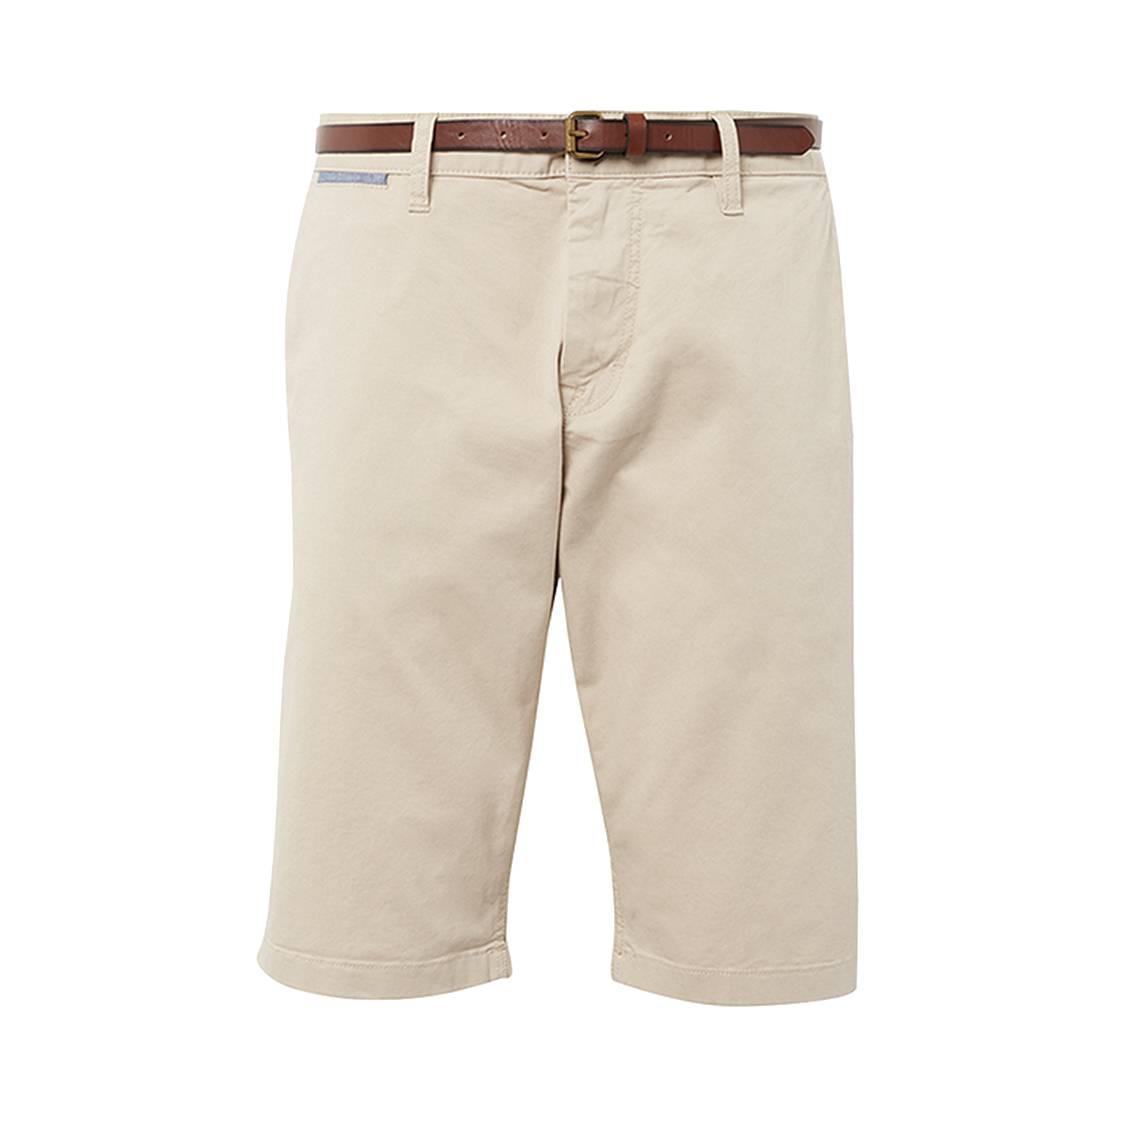 Short Tom Tailor Essential Chino en coton stretch beige à ceinture marron